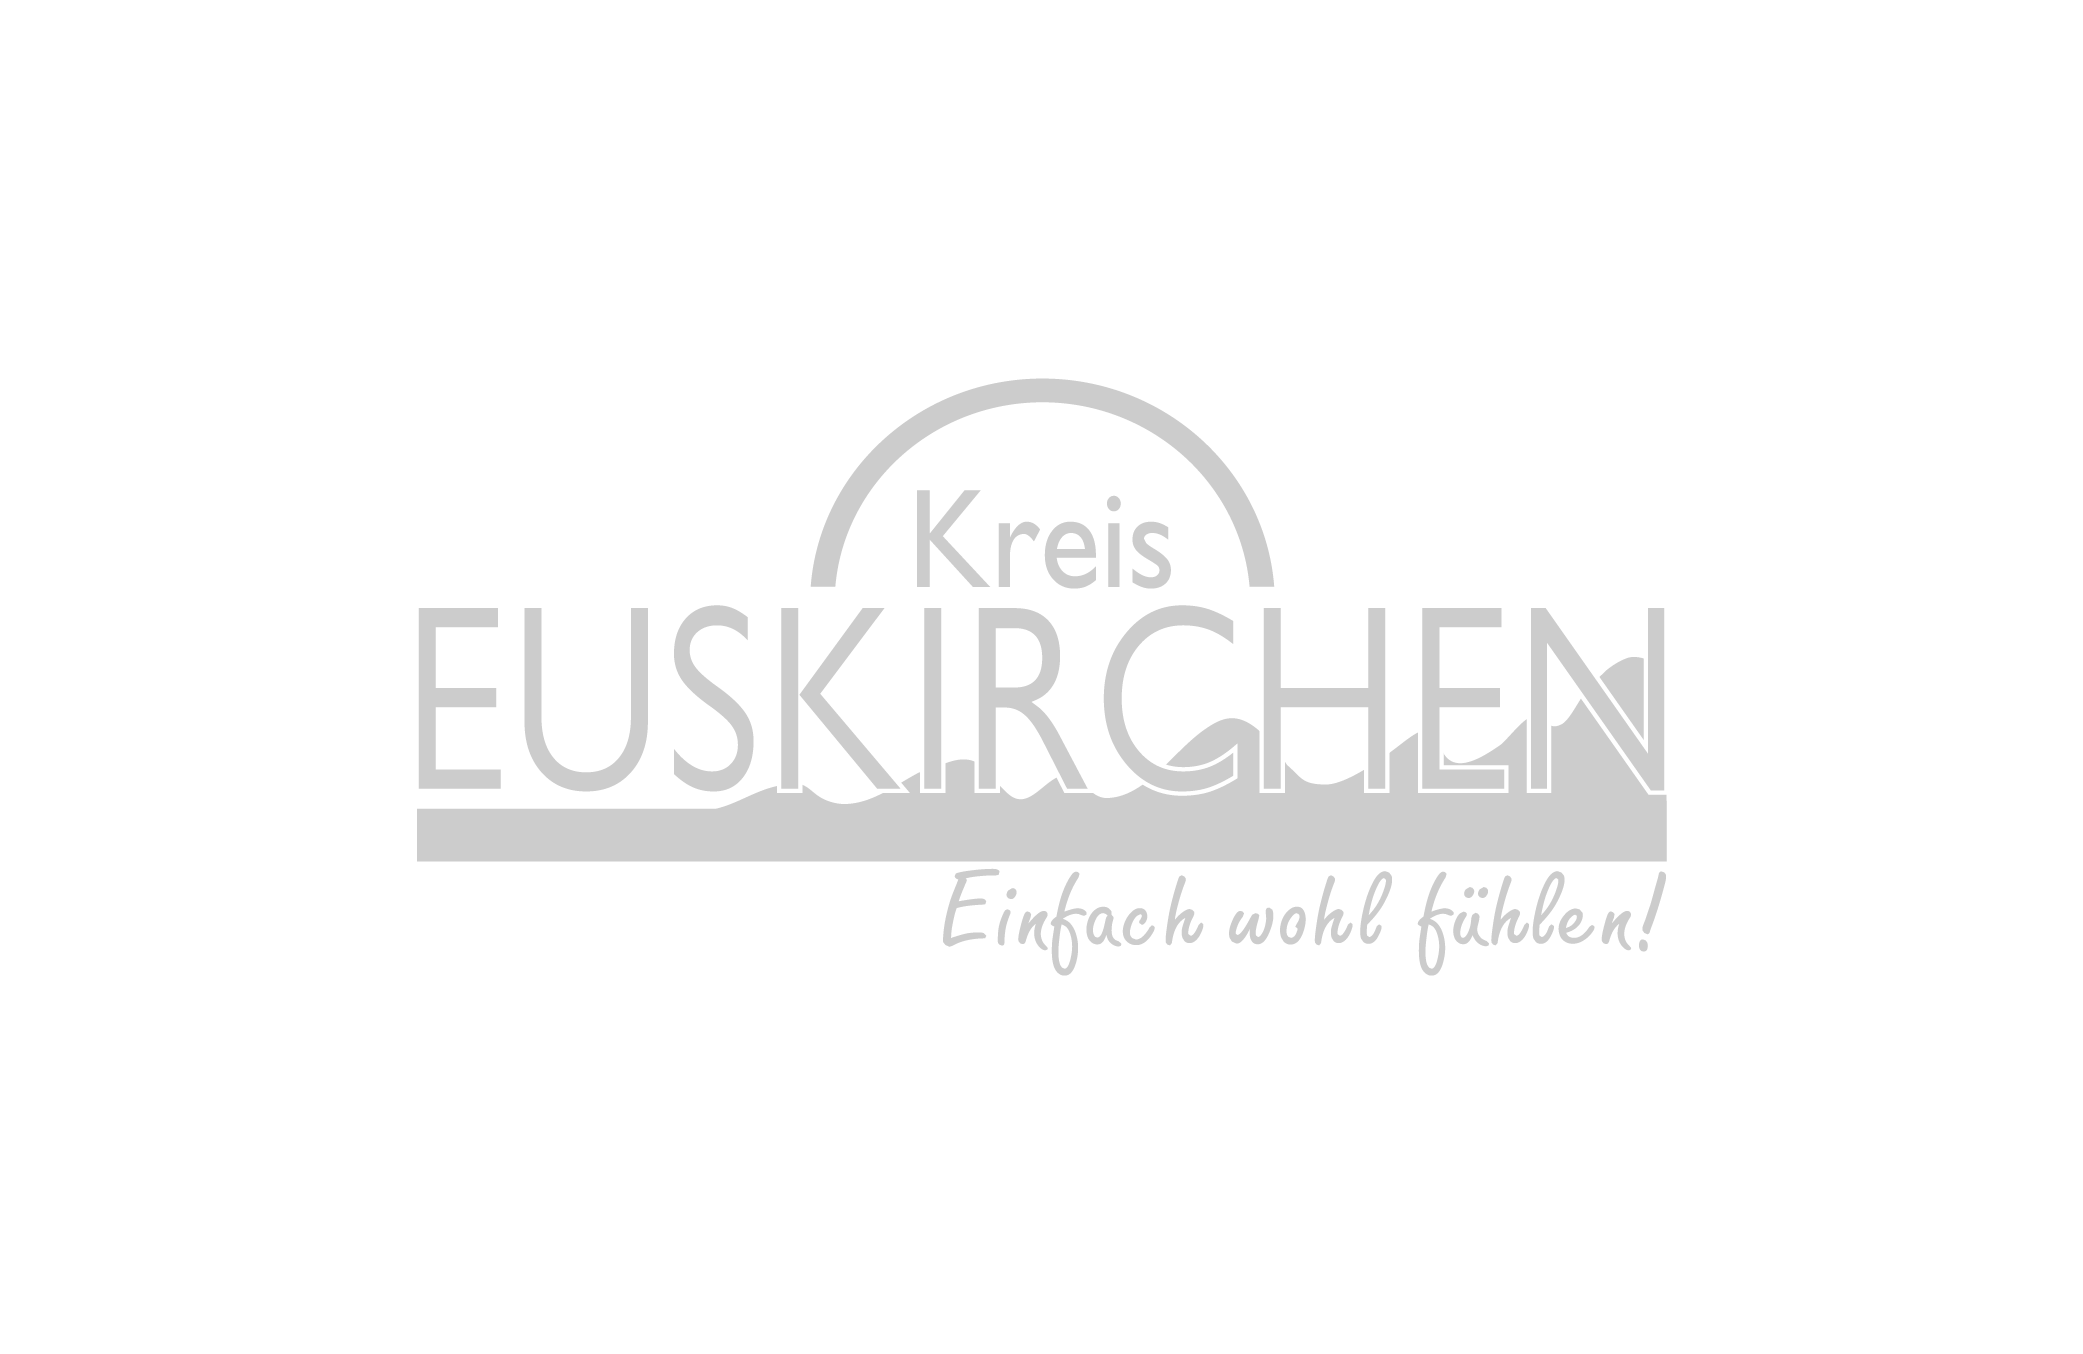 Kreis Euskirchen